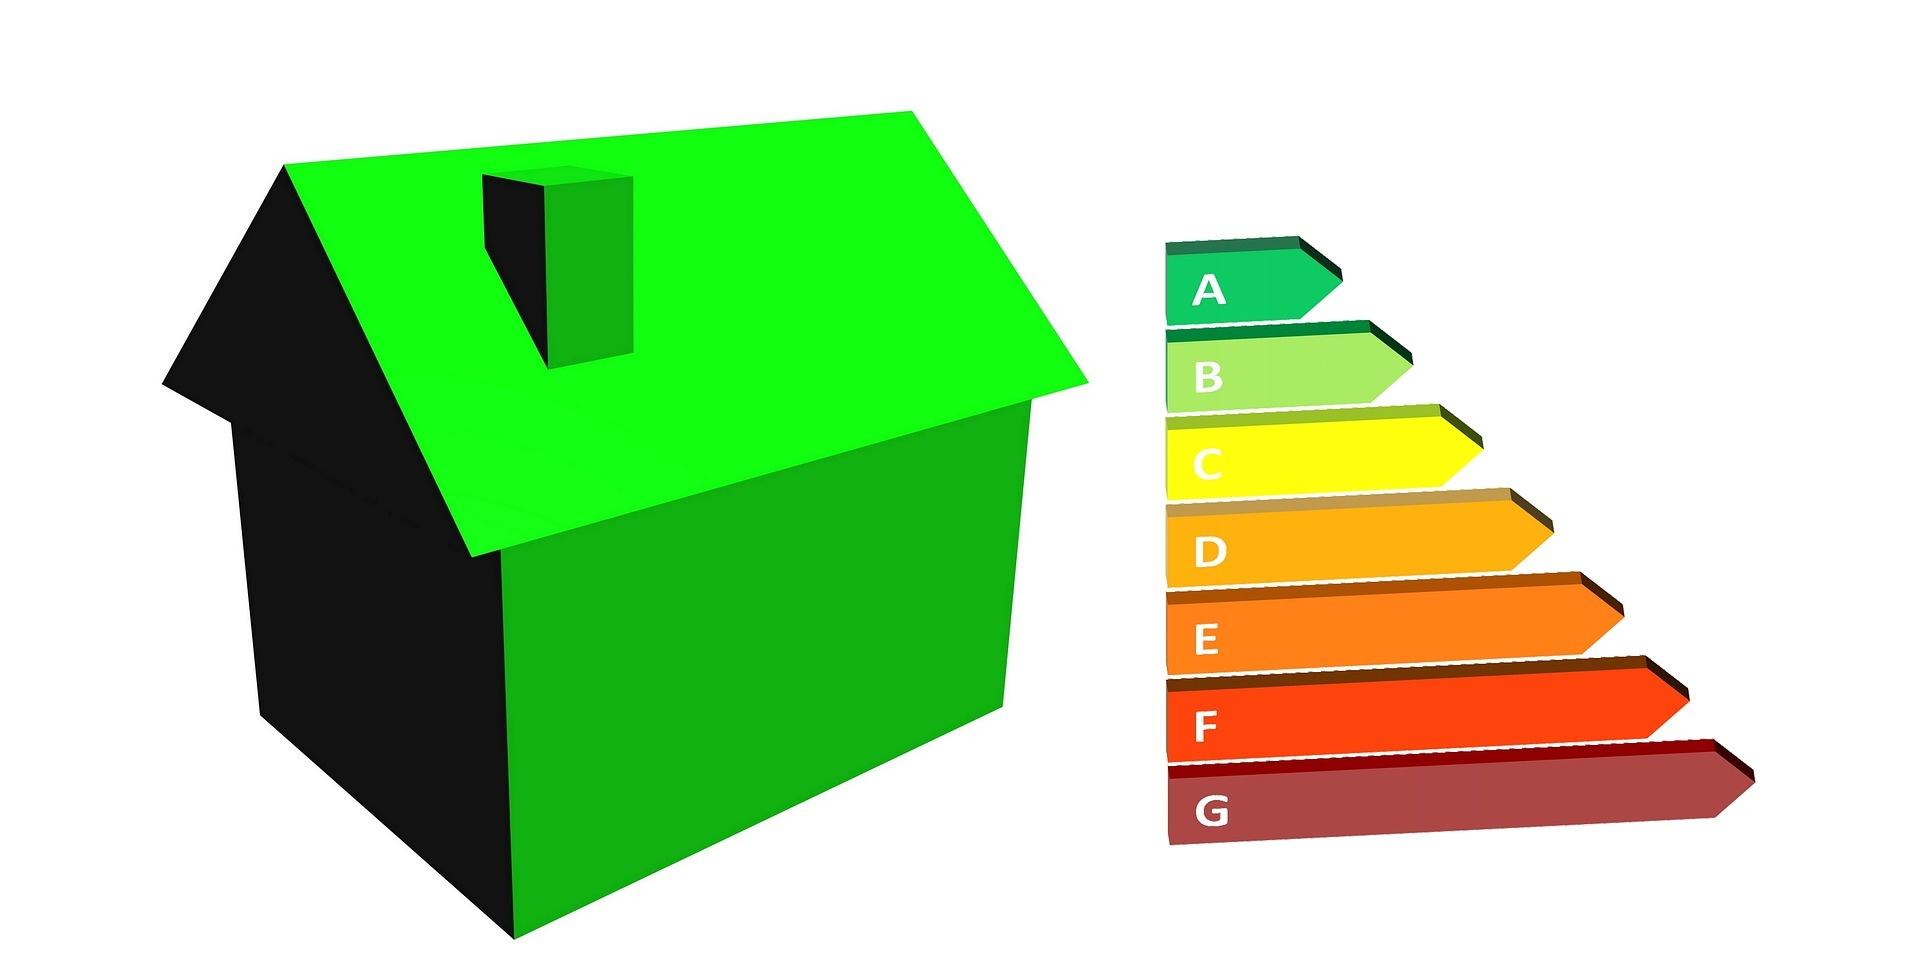 energy-efficiency-1616970_1920